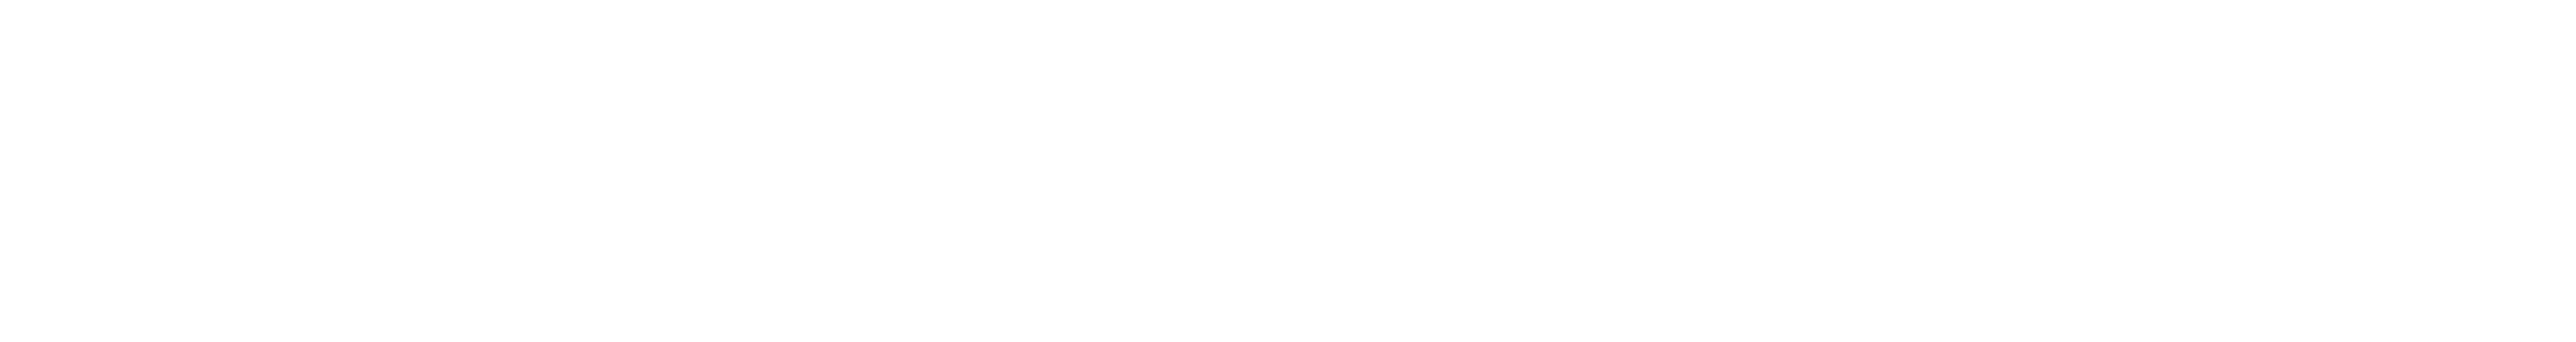 公司Logo設計方案-14